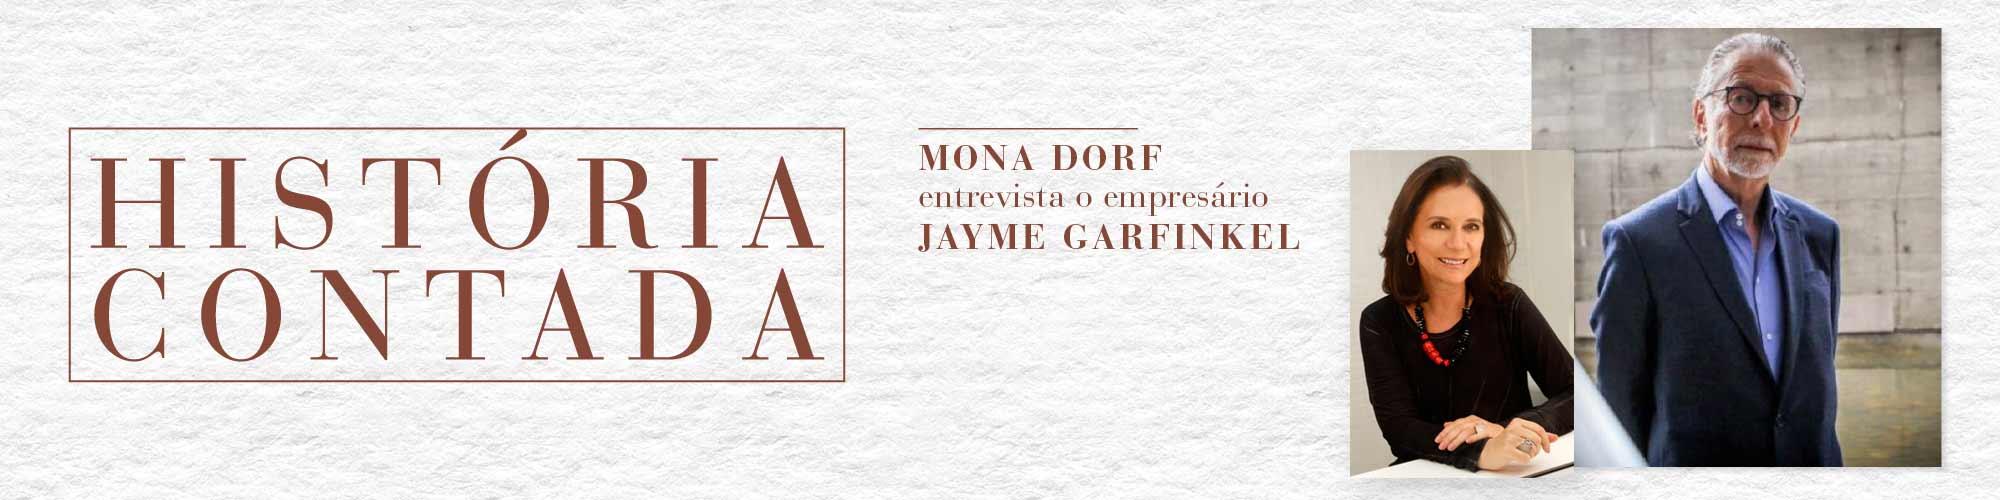 História Contada: Mona Dorf entrevista Jayme Garfinkel, presidente do Conselho da Porto Seguro